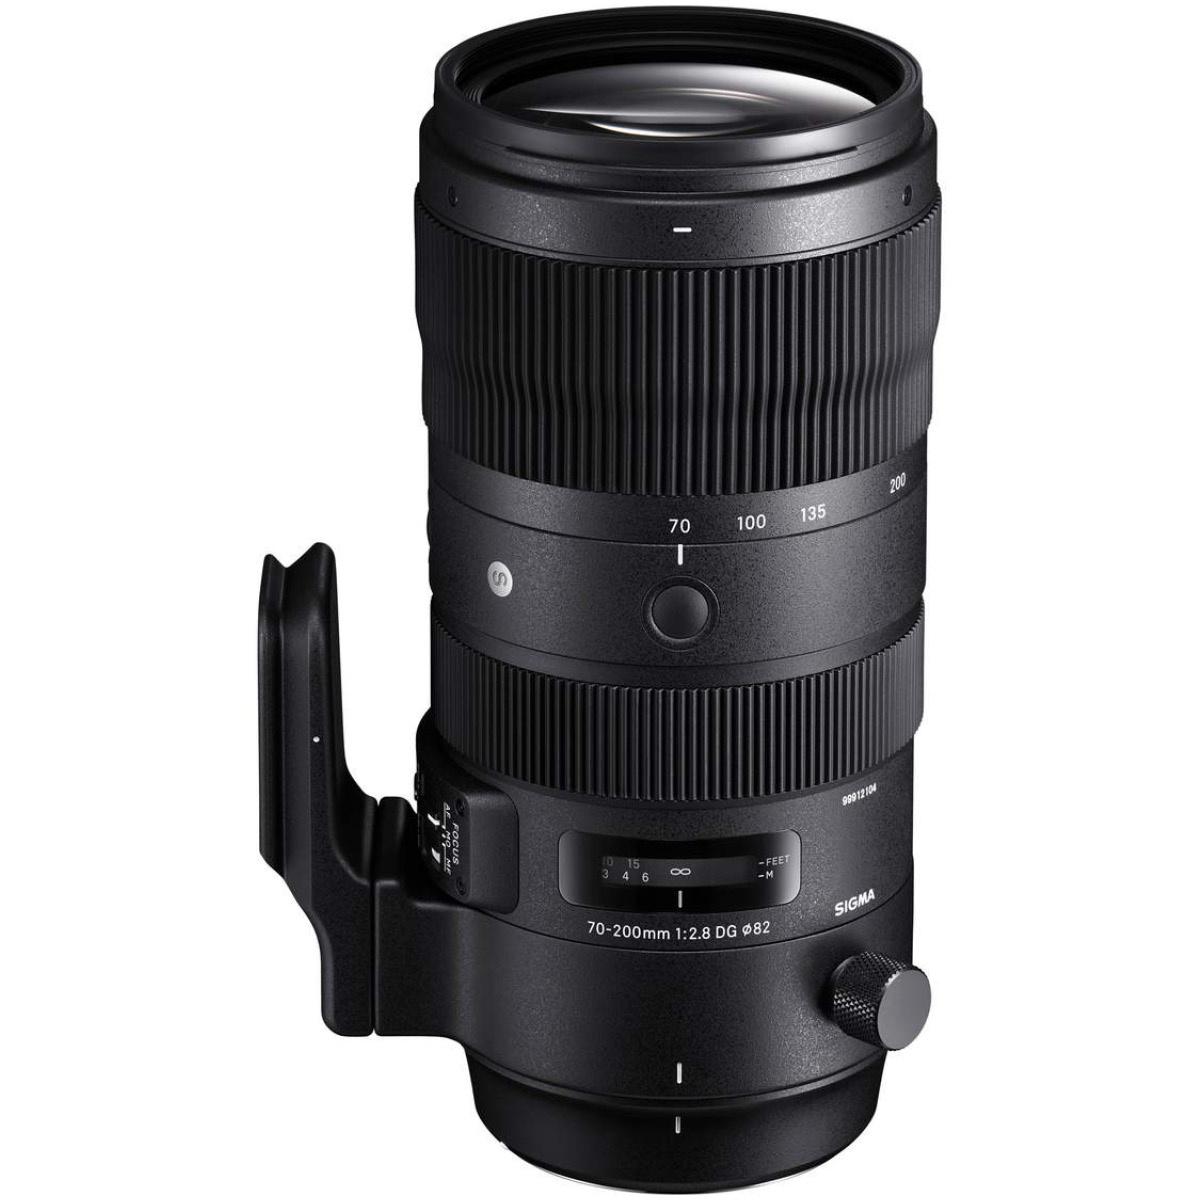 Sigma 70-200 mm 1:2,8 DG OS HSM (S) FX